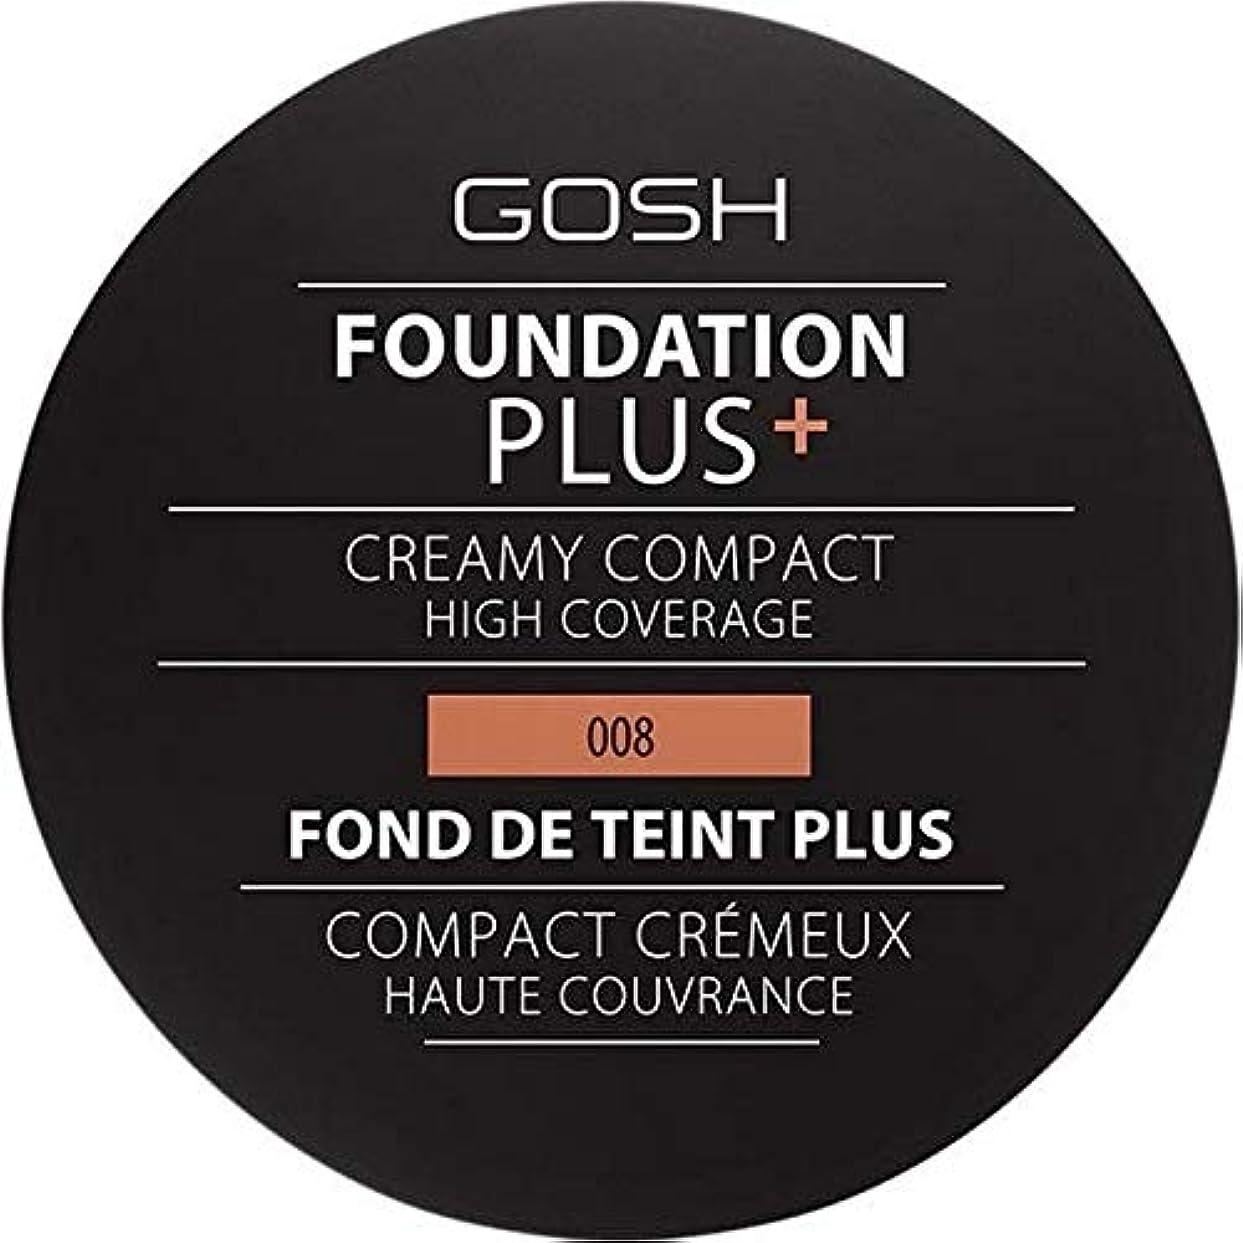 強制的パケット差し迫った[GOSH ] おやっ基盤プラス008 +クリーミーコンパクト黄金 - Gosh Foundation Plus+ Creamy Compact Golden 008 [並行輸入品]